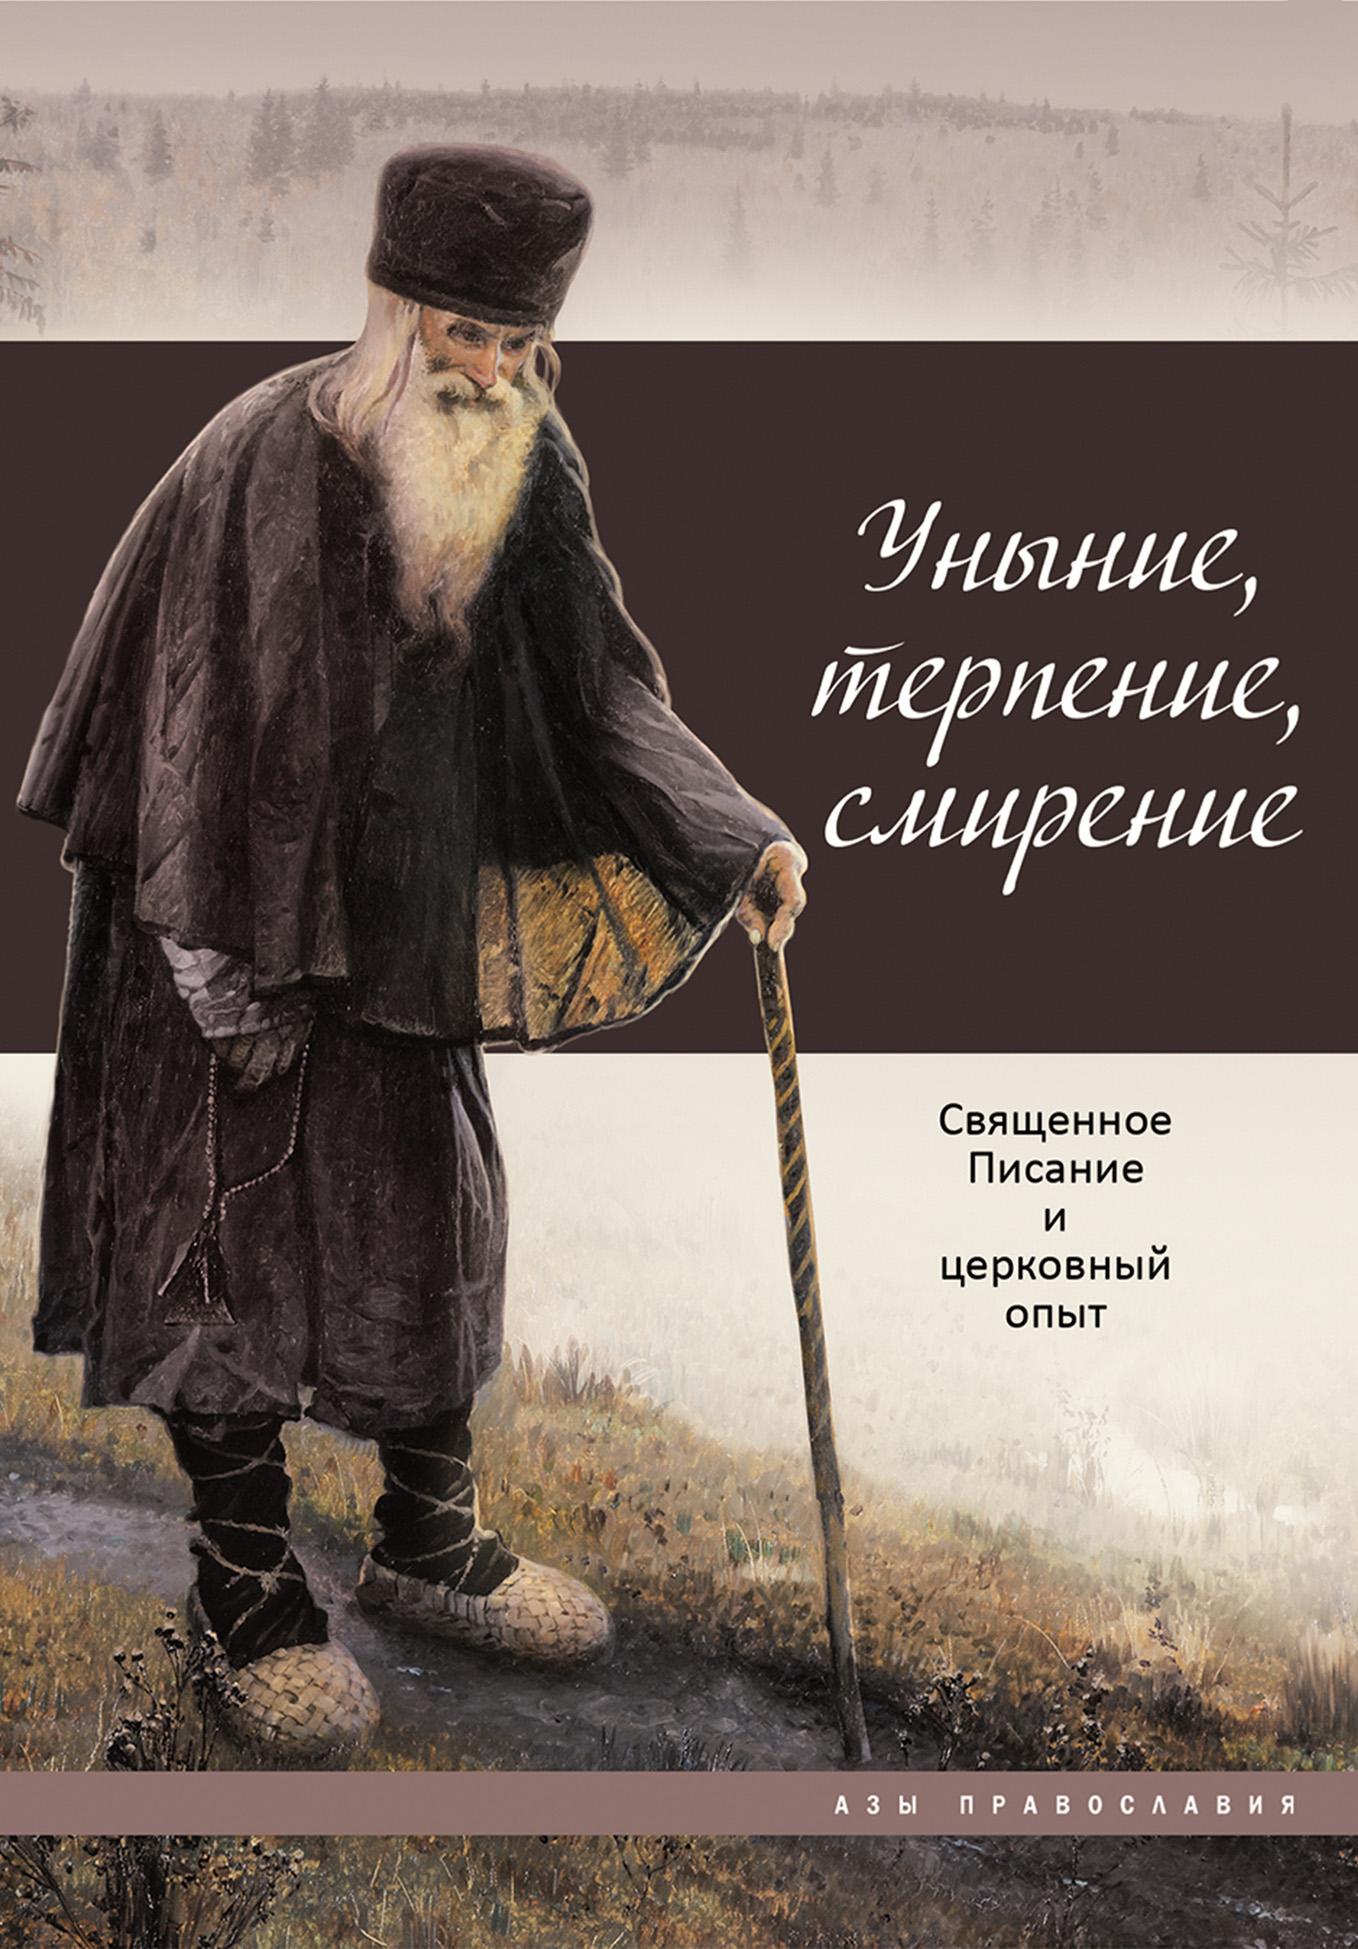 Отсутствует Уныние, терпение, смирение. Священное Писание и церковный опыт отсутствует уныние терпение смирение священное писание и церковный опыт